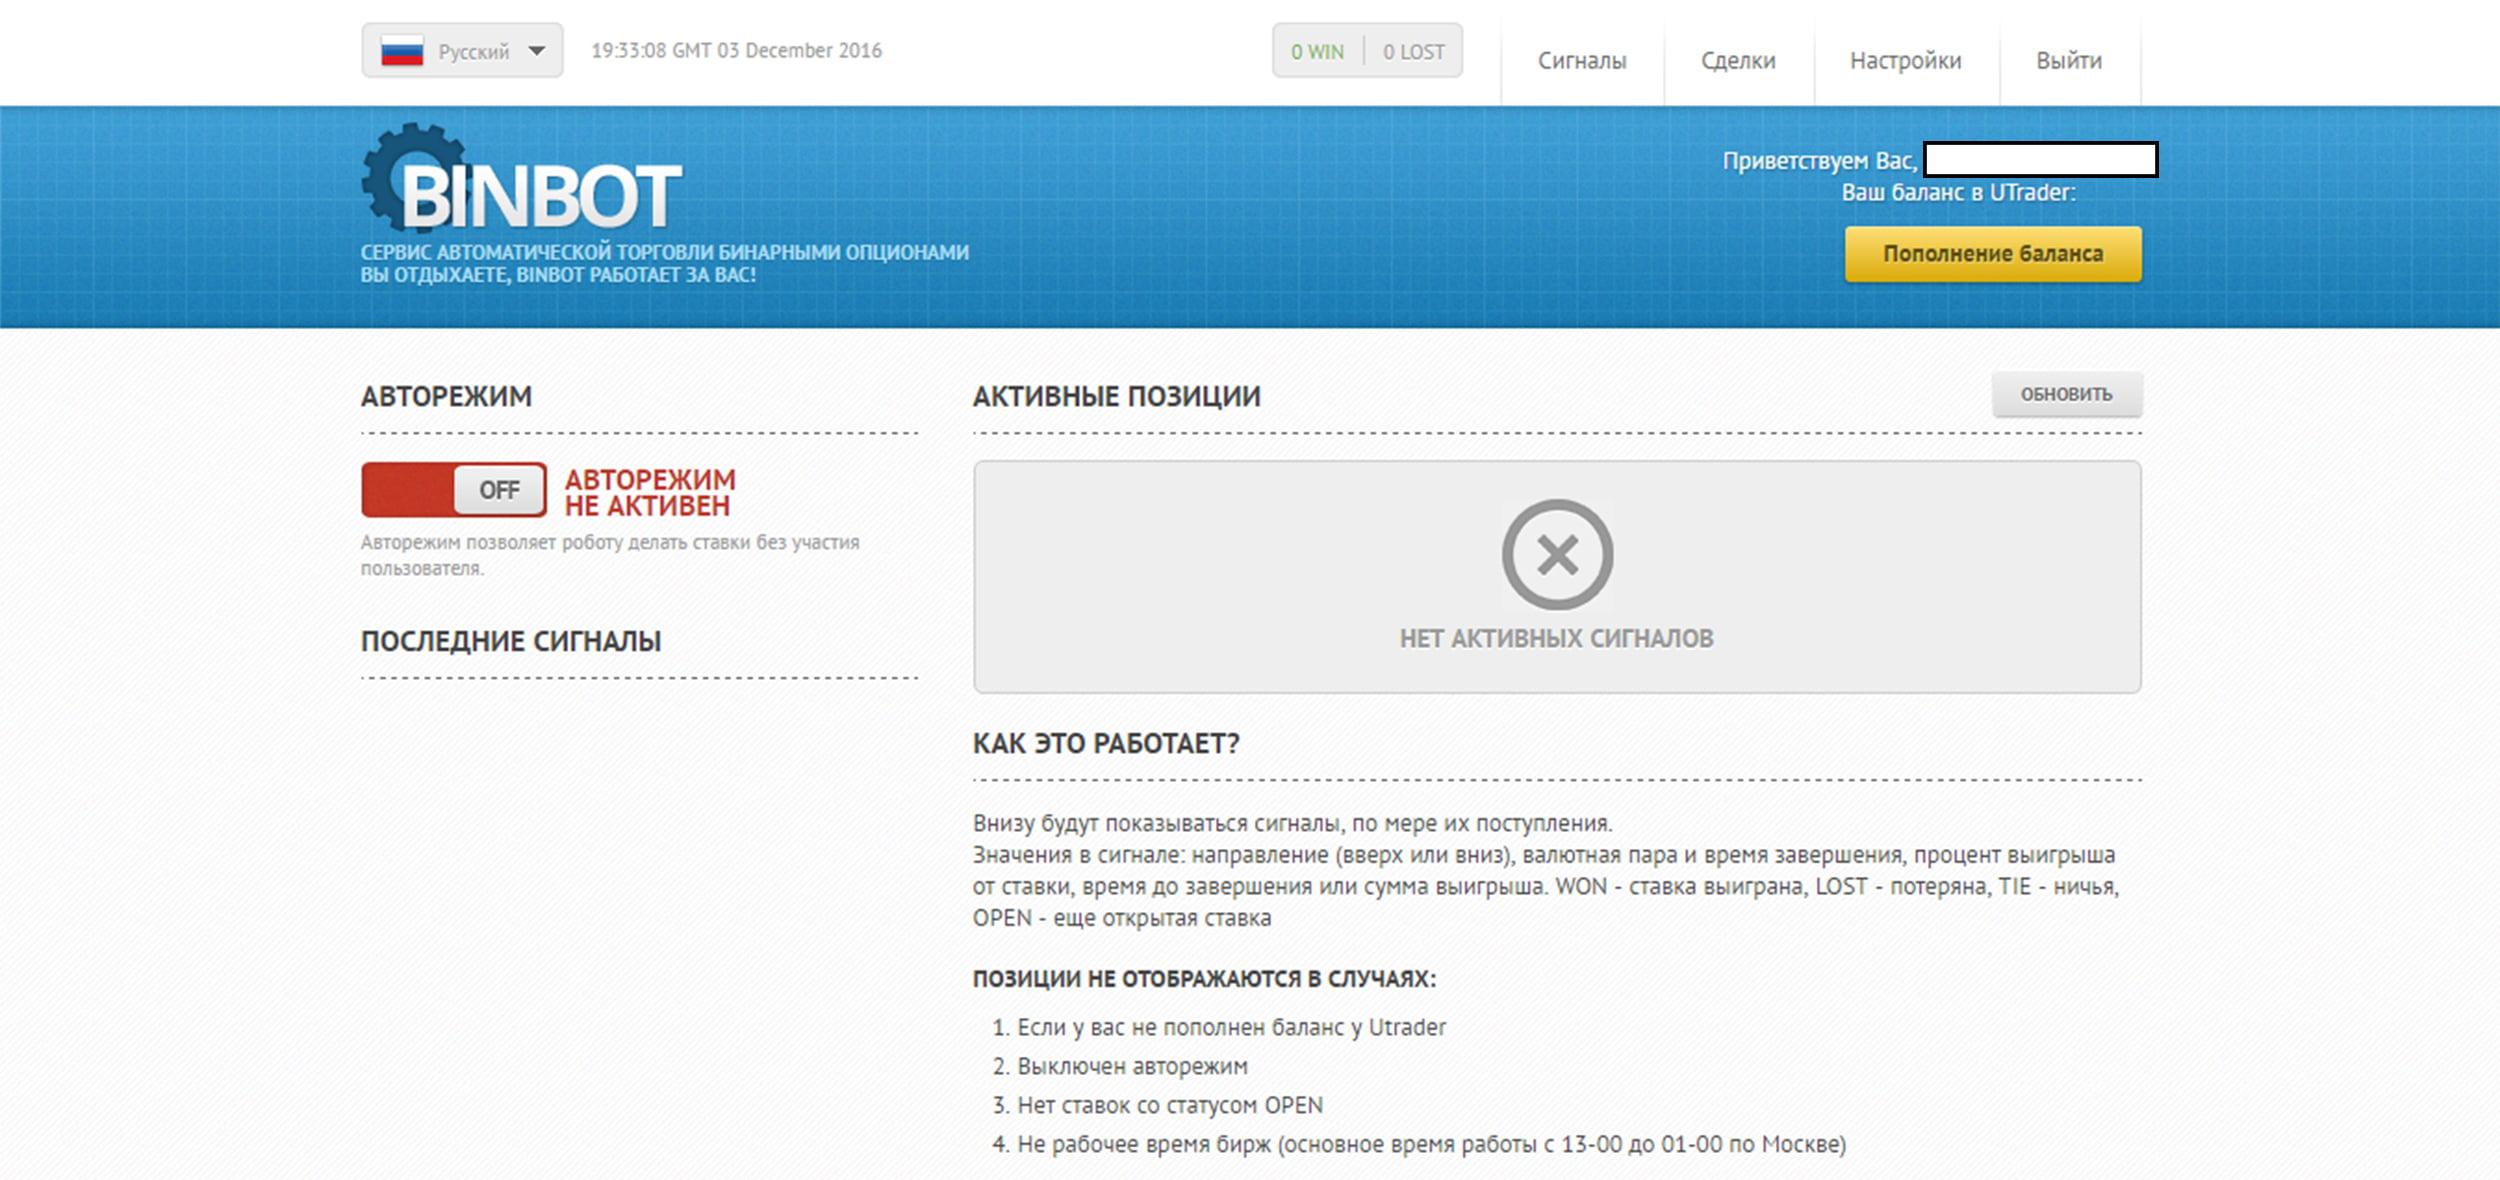 Ютрейдер бинарные опционы личный кабинет создание криптовалюты в россии